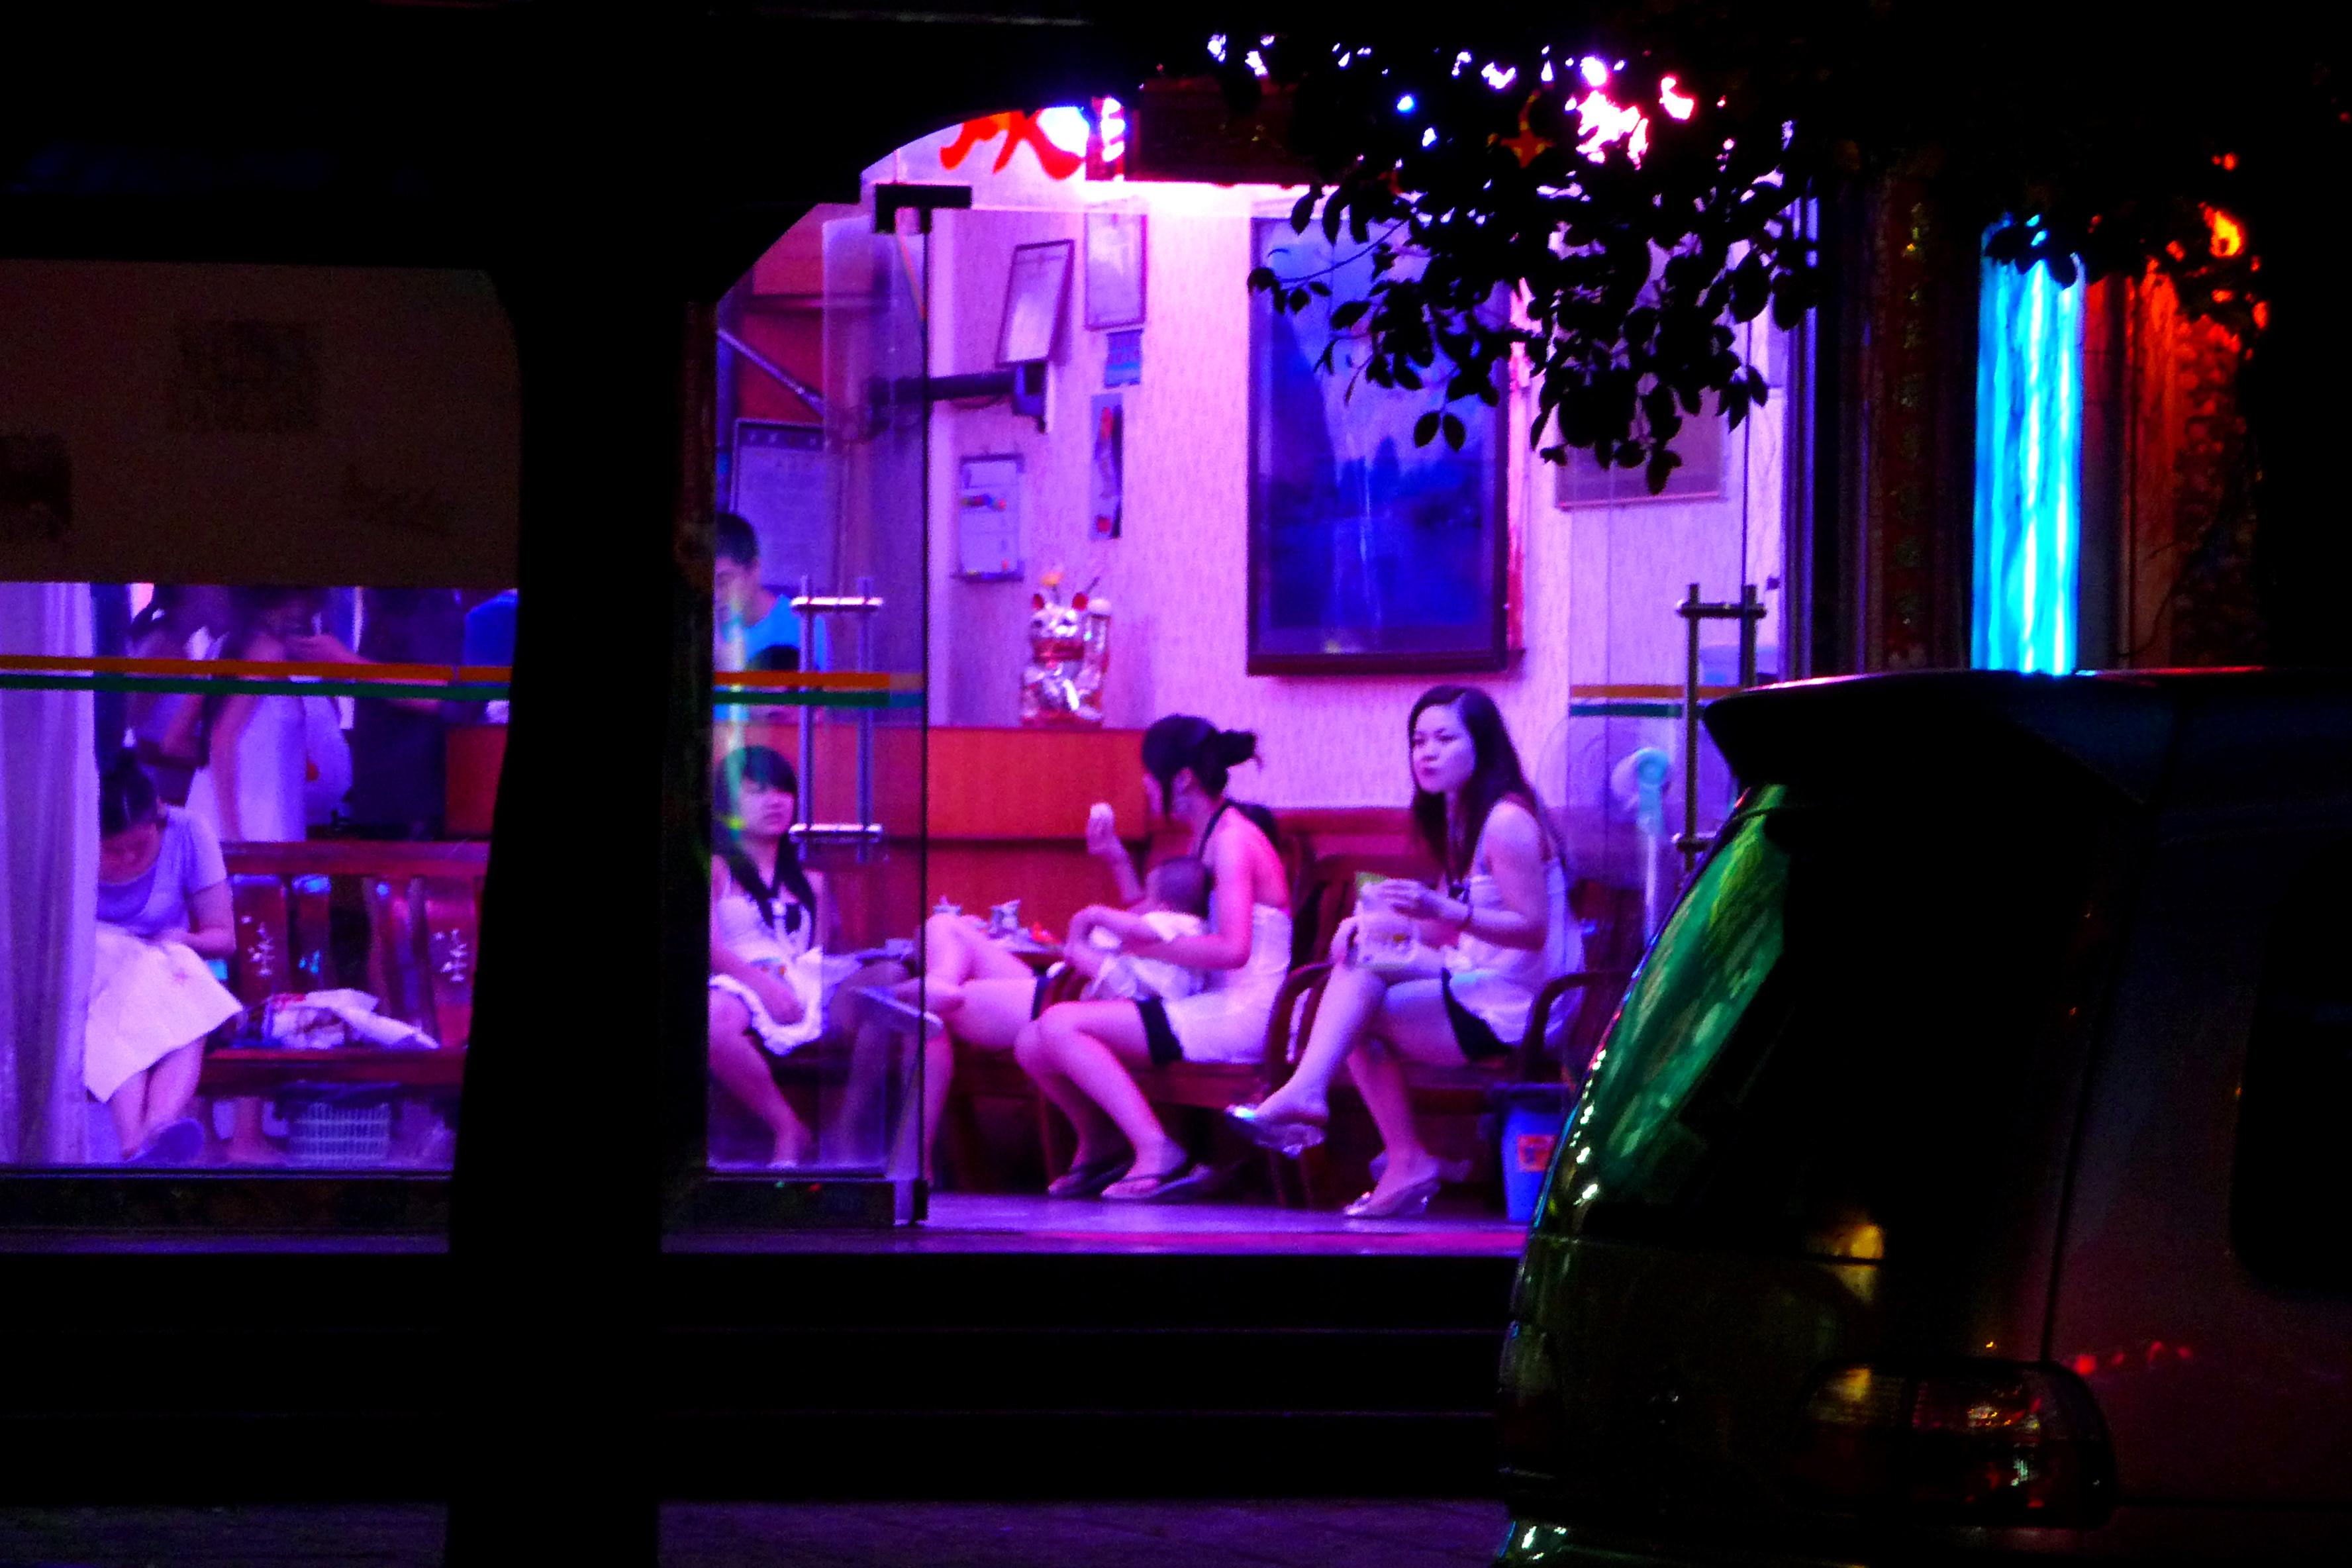 Barber_shop_Bao'an_Shenzhen_China